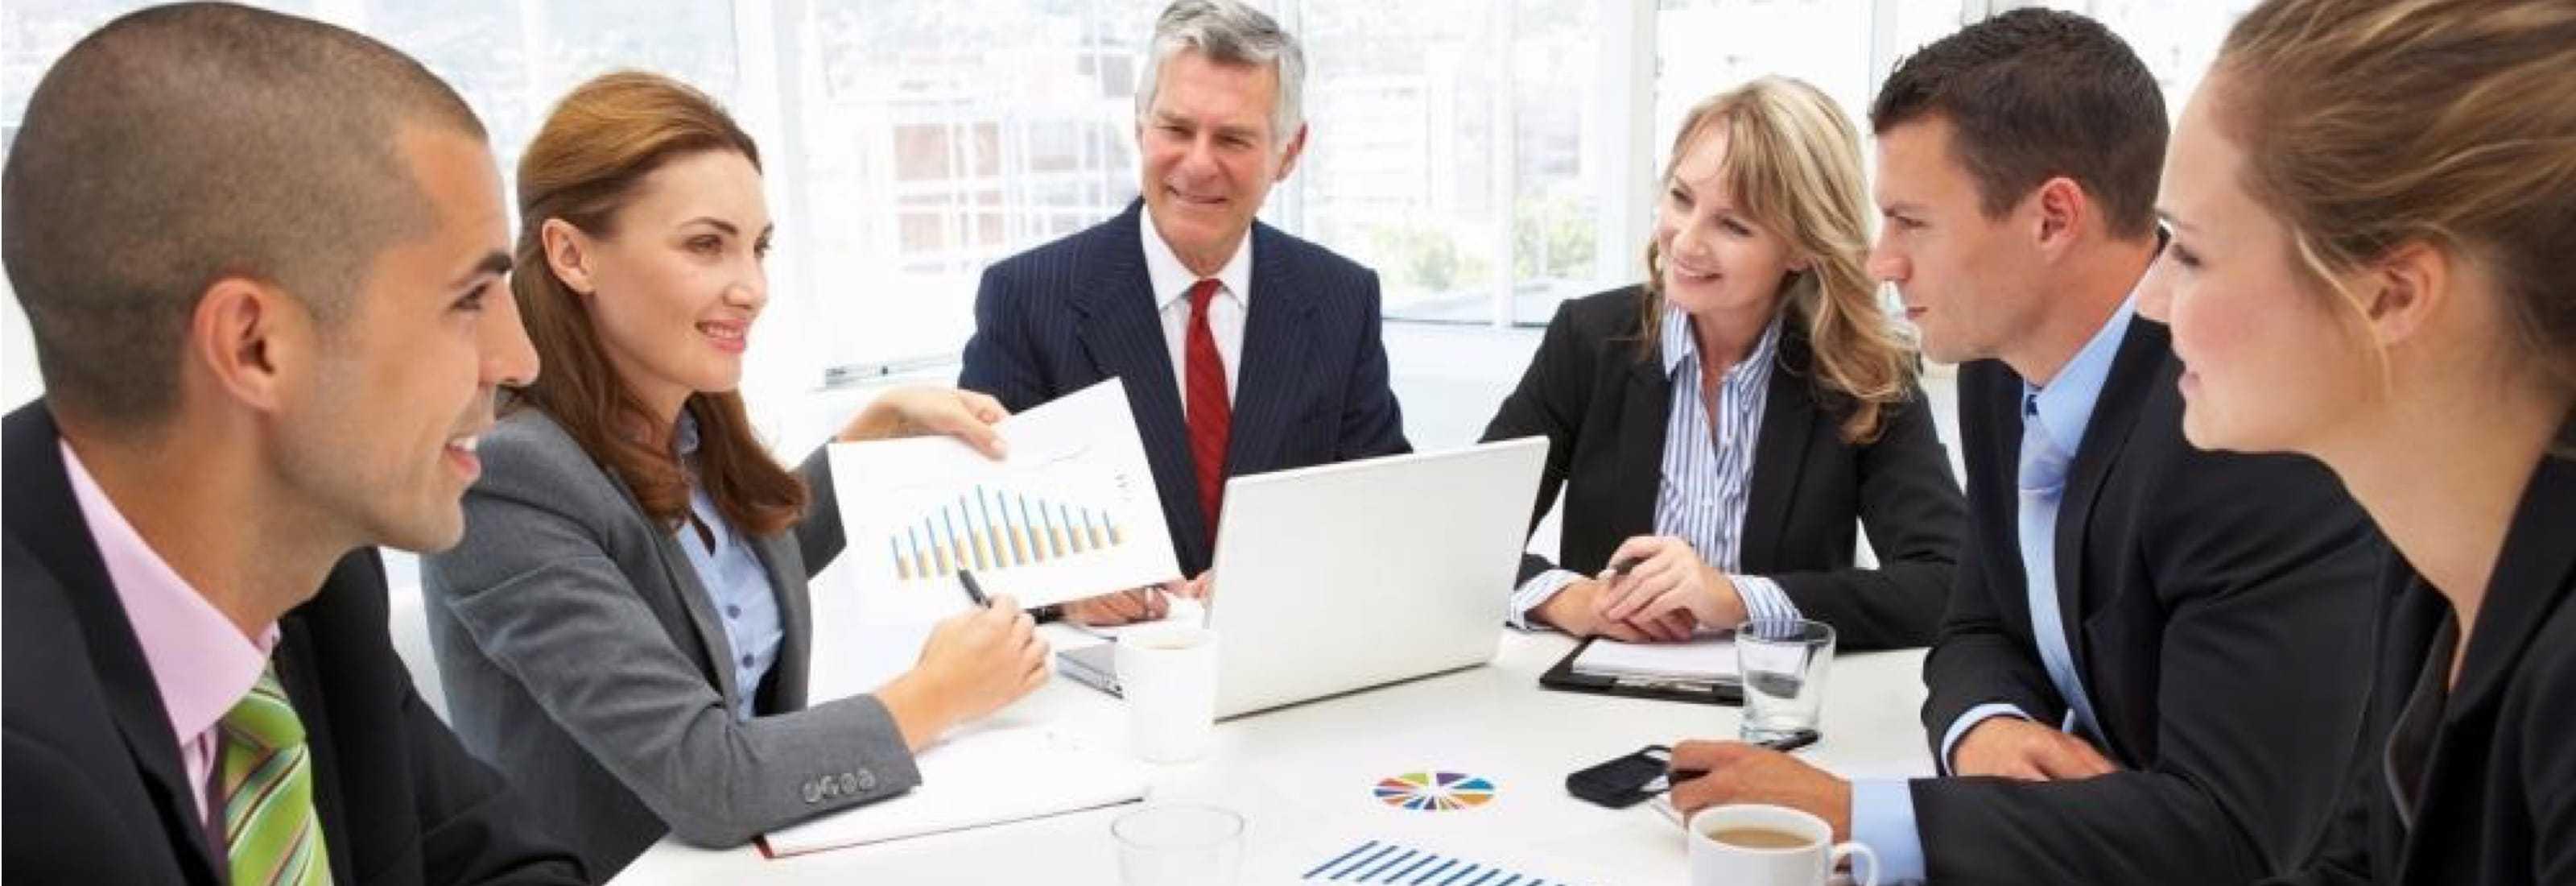 Accountenz Breda - Accountantskantoor in Breda